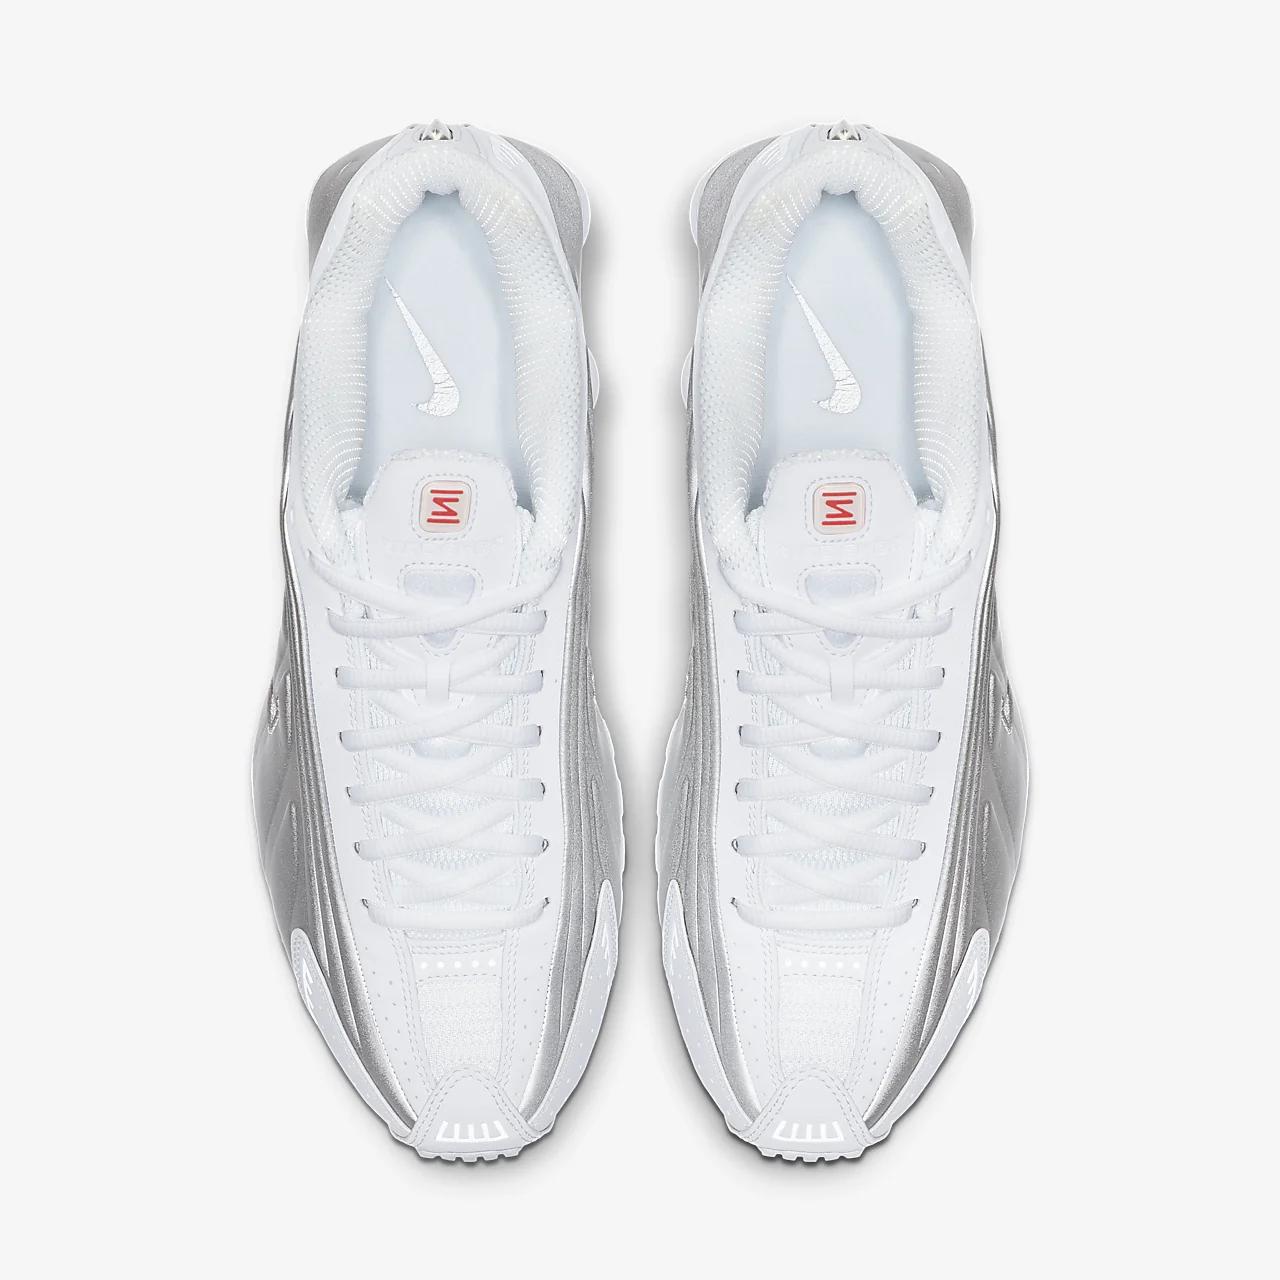 유럽직배송 나이키 NIKE Nike Shox R4 Men's Shoe 104265-131